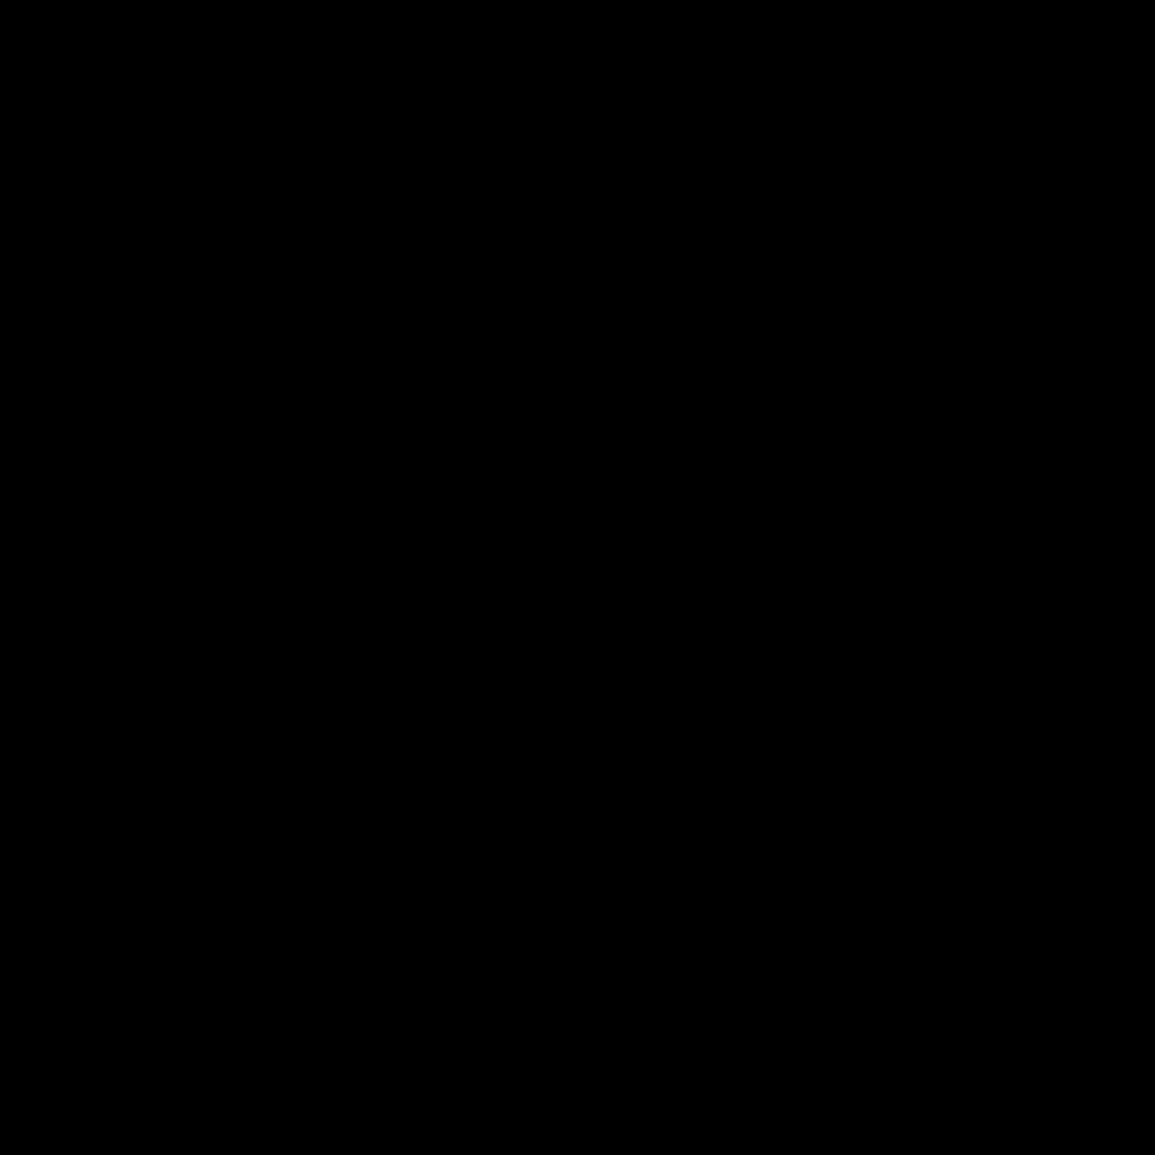 スーボ OS OSSU 字形見本